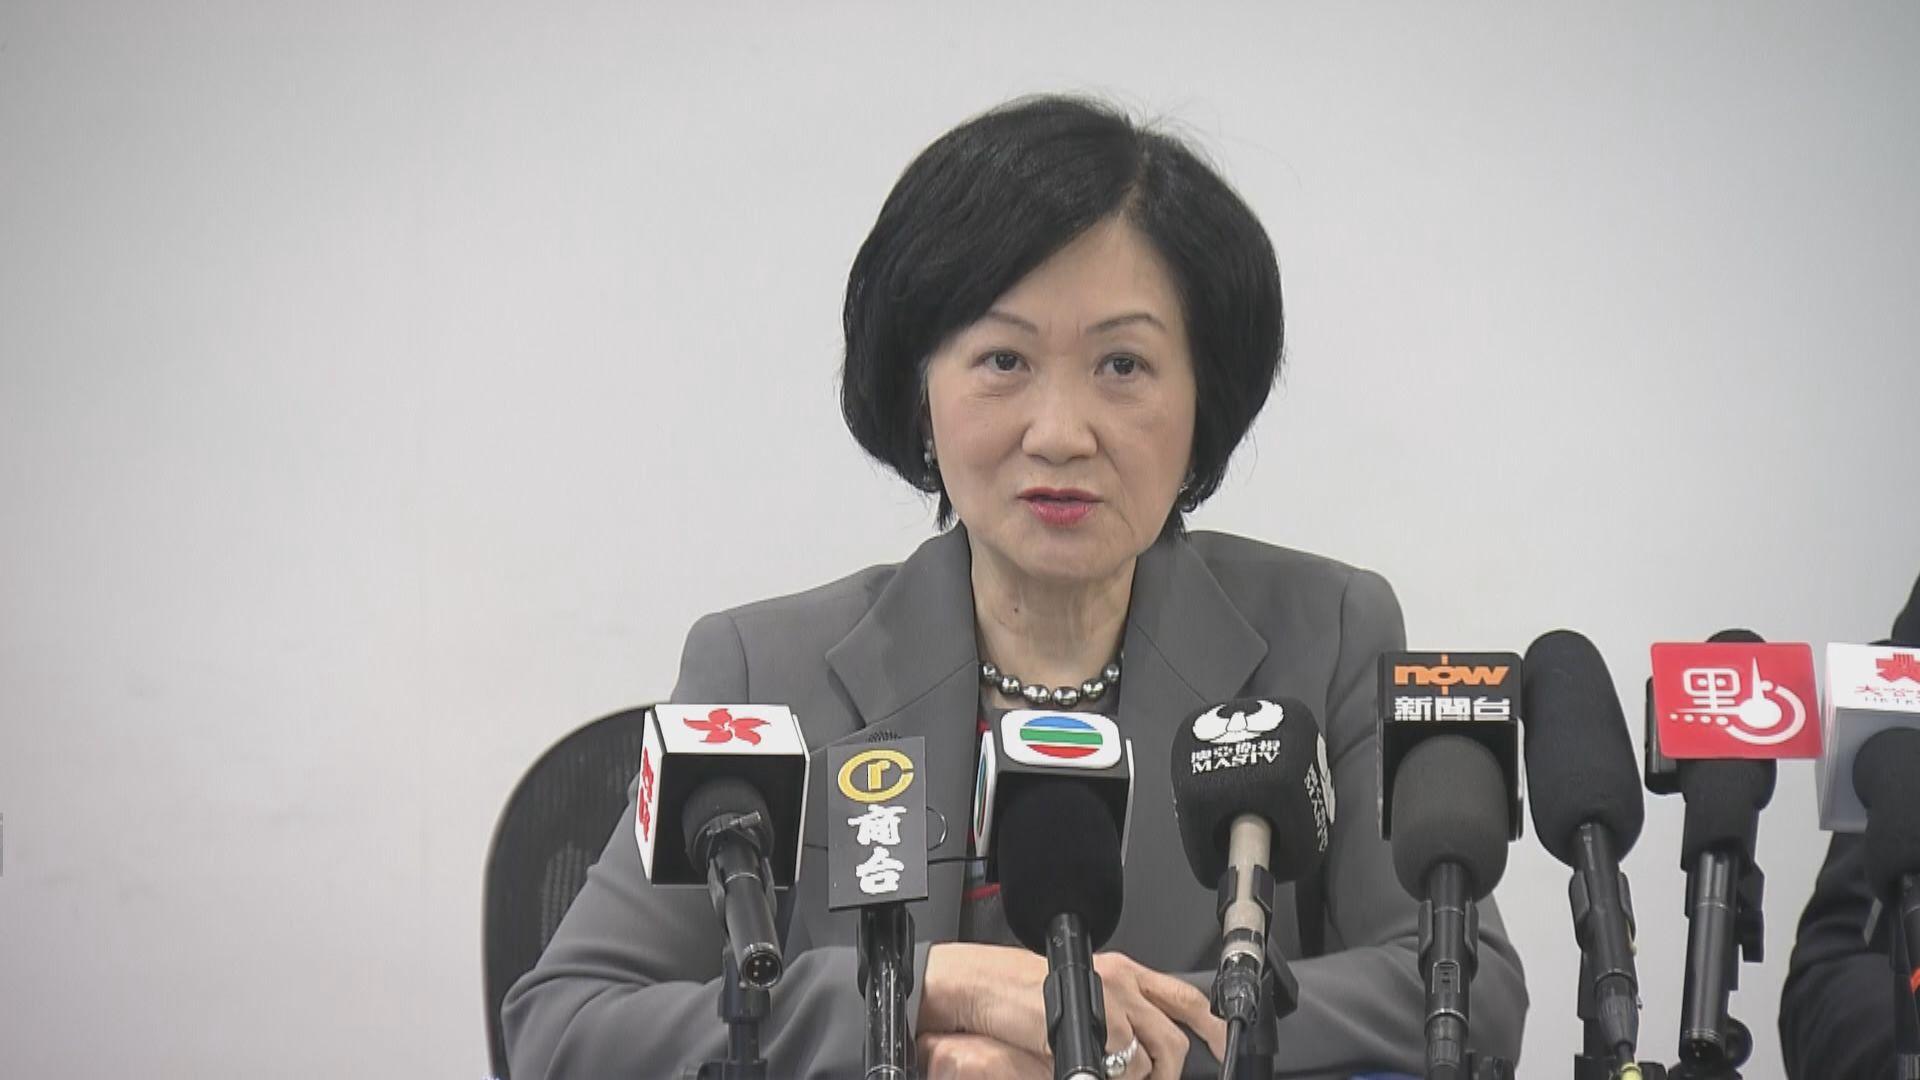 葉劉淑儀:官員應直接與市民對話化解危機